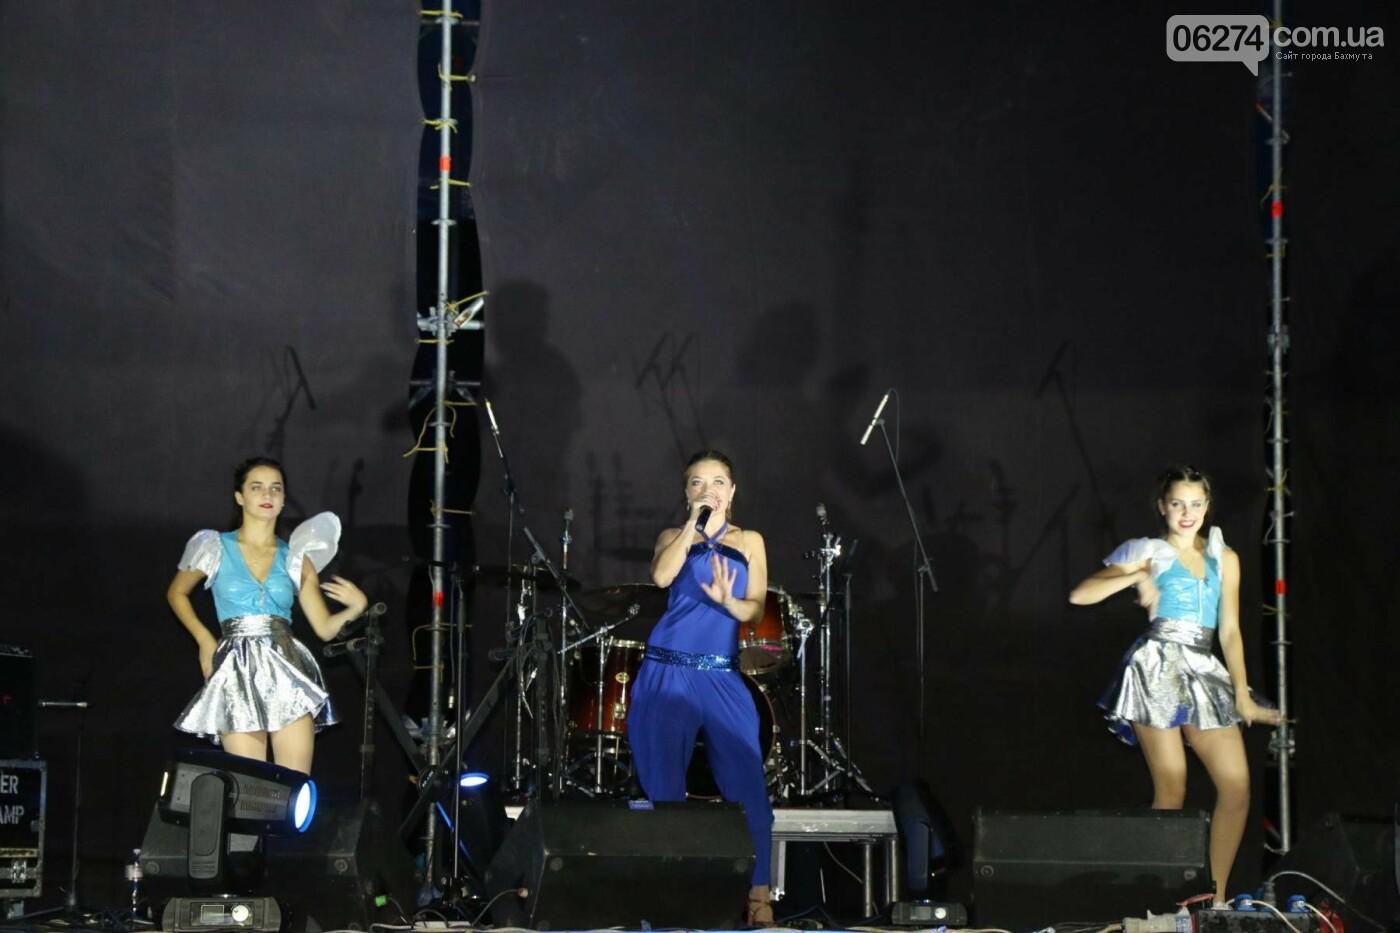 Ярким концертом завершился День города в Бахмуте (ФОТО), фото-8